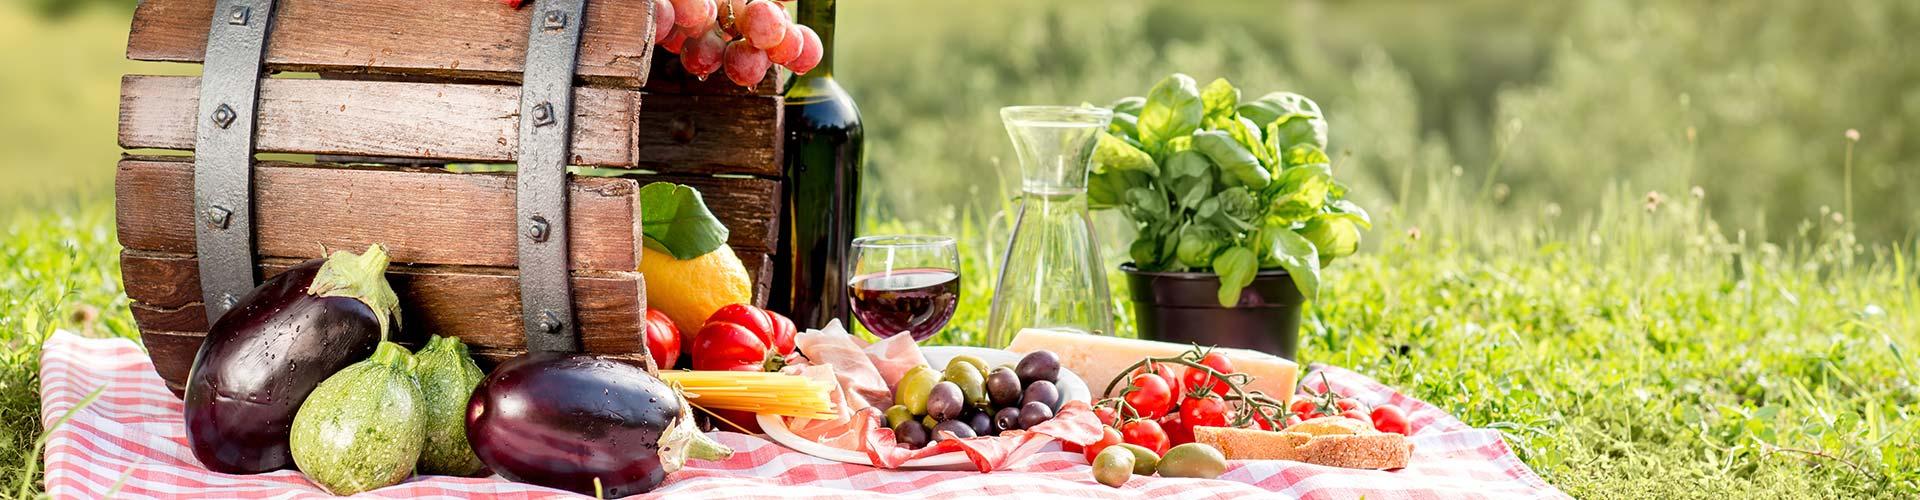 Botte prodotti agricoli | Slider | Spazio Sicilia